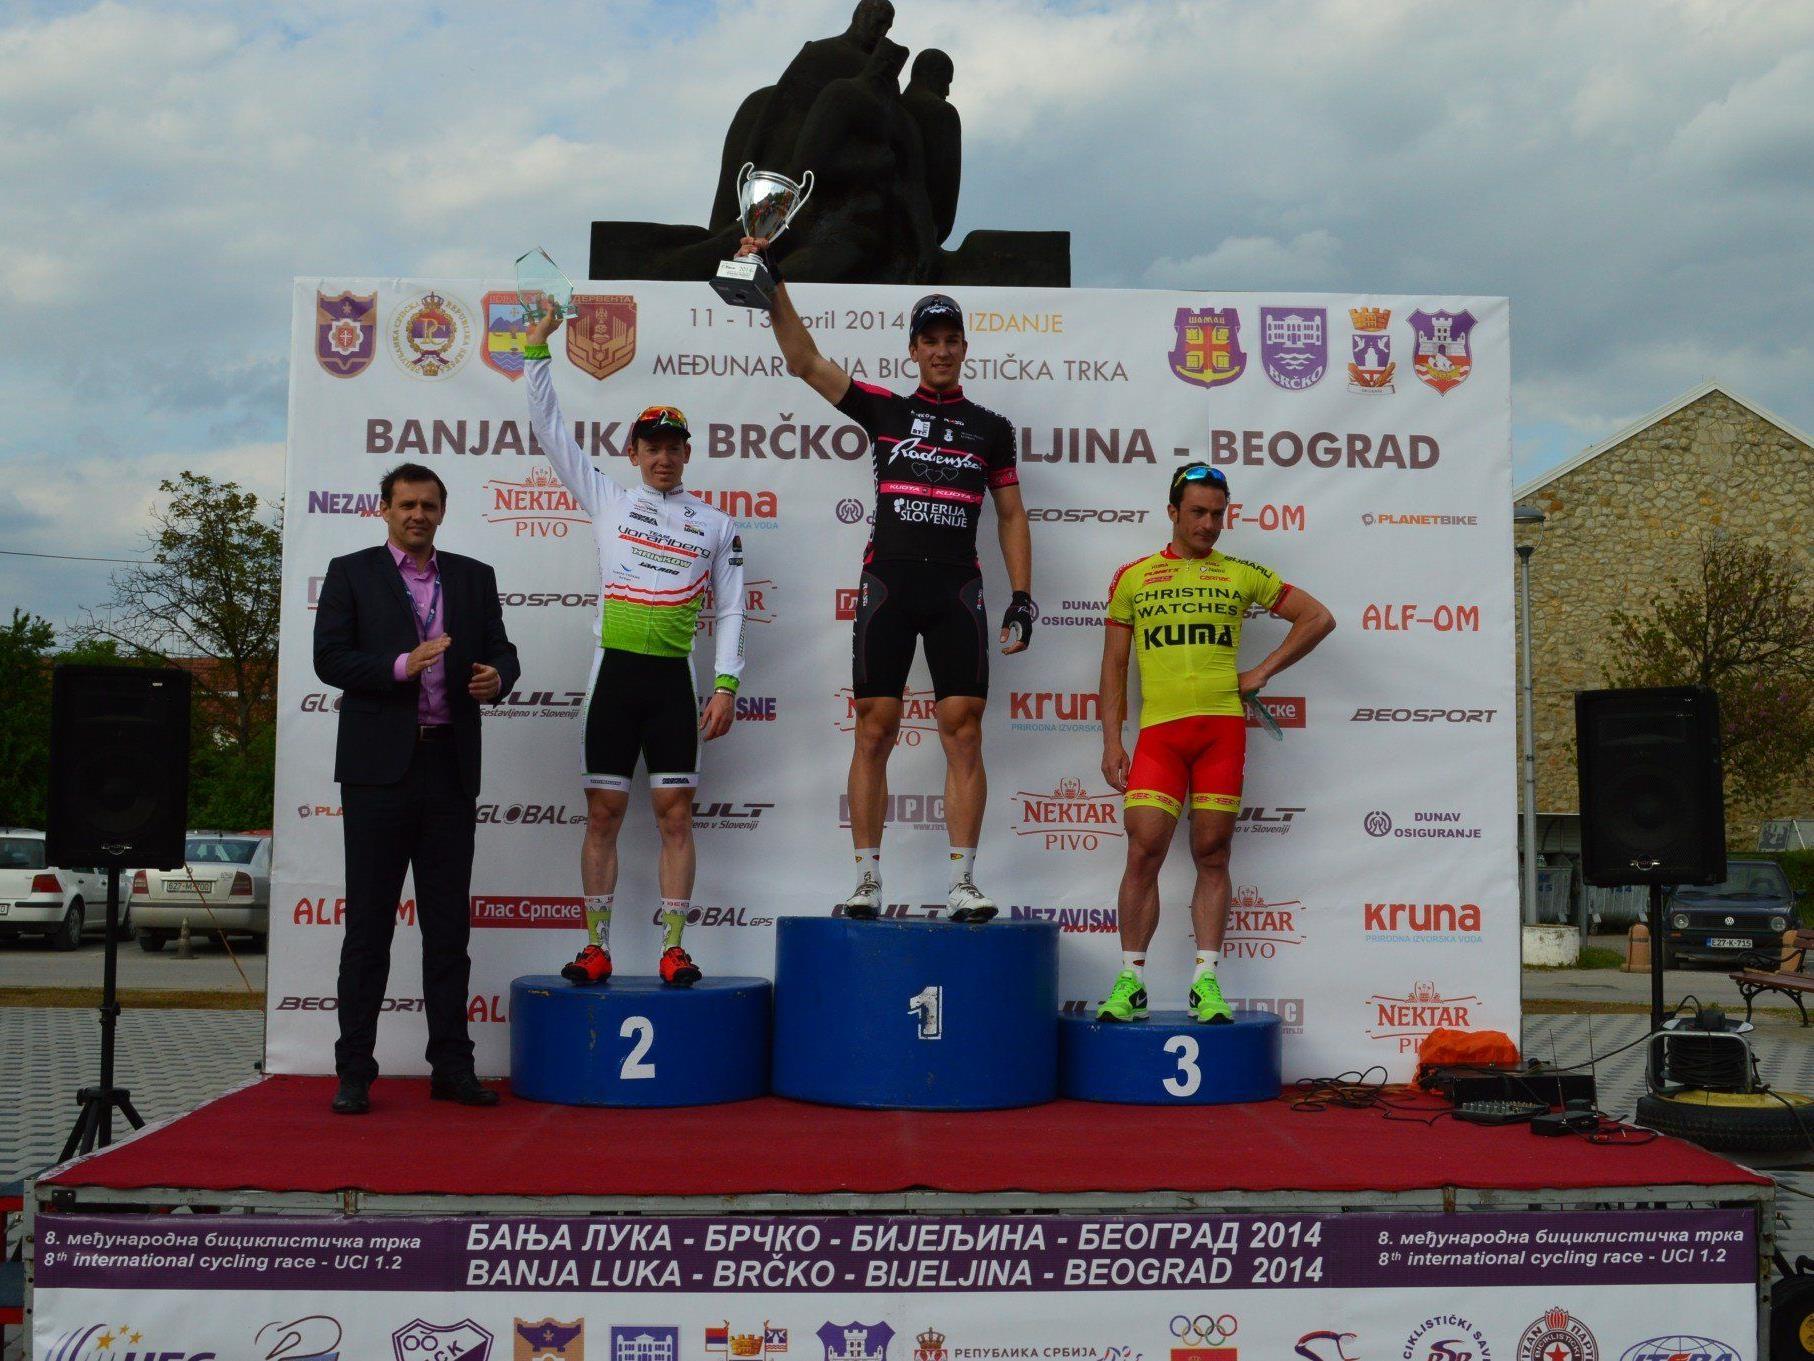 Team Vorarlberg Fahrer Fabian Schnaidt verpasste den Sieg ganz knapp aber wurde Zweiter